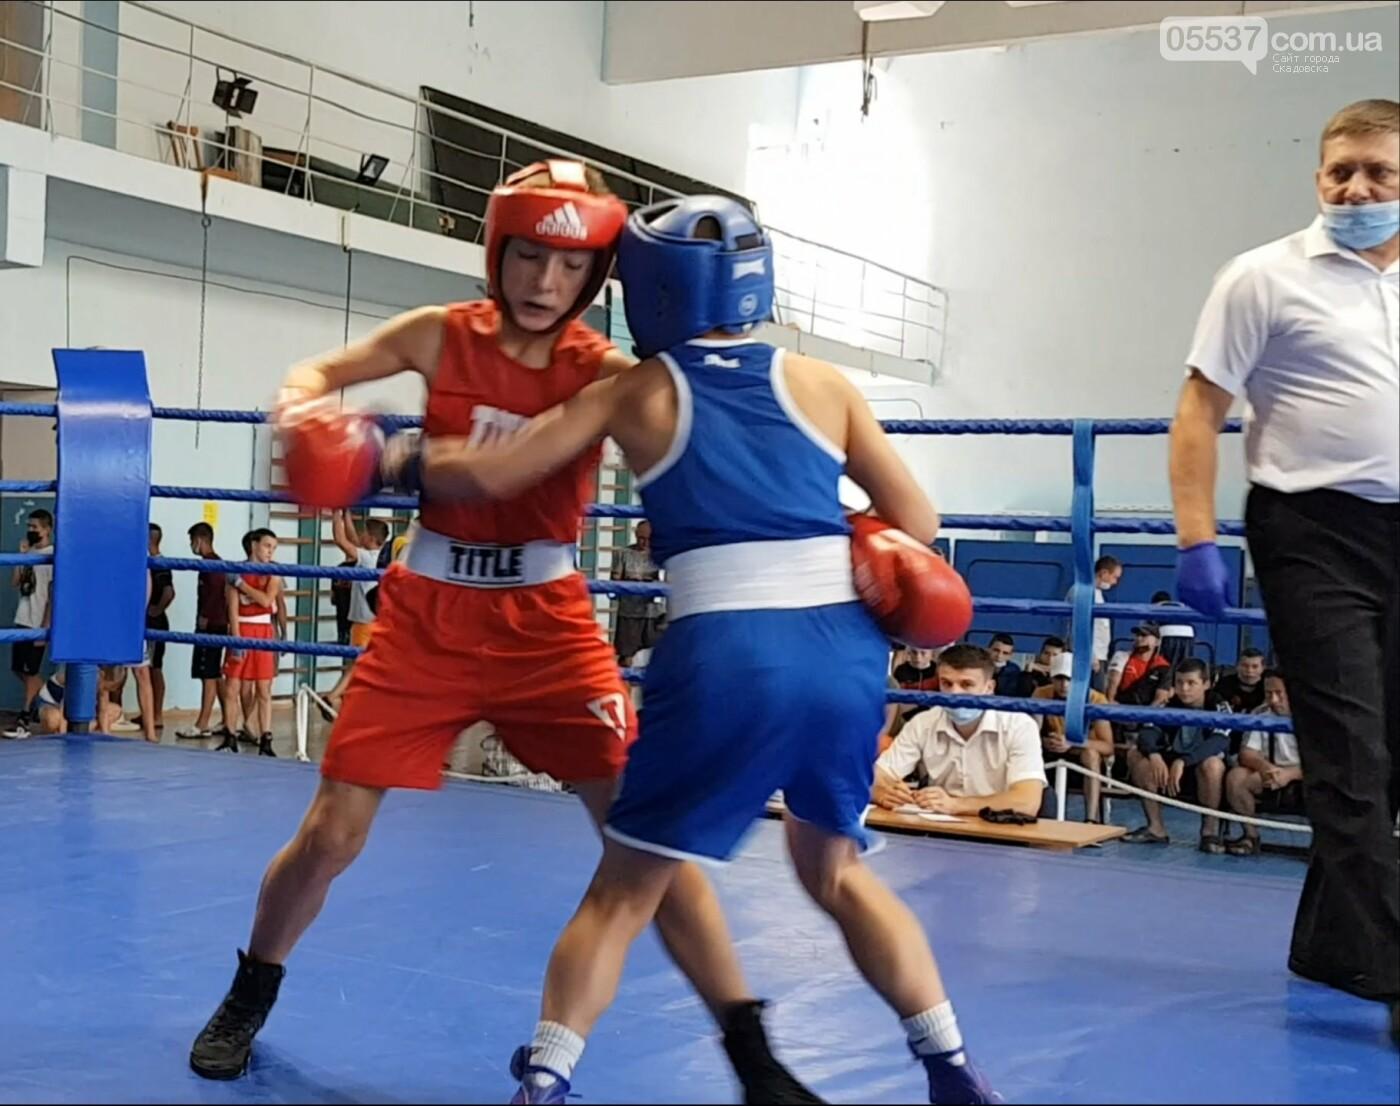 В Скадовске стартовал чемпионат Украины по боксу , фото-6